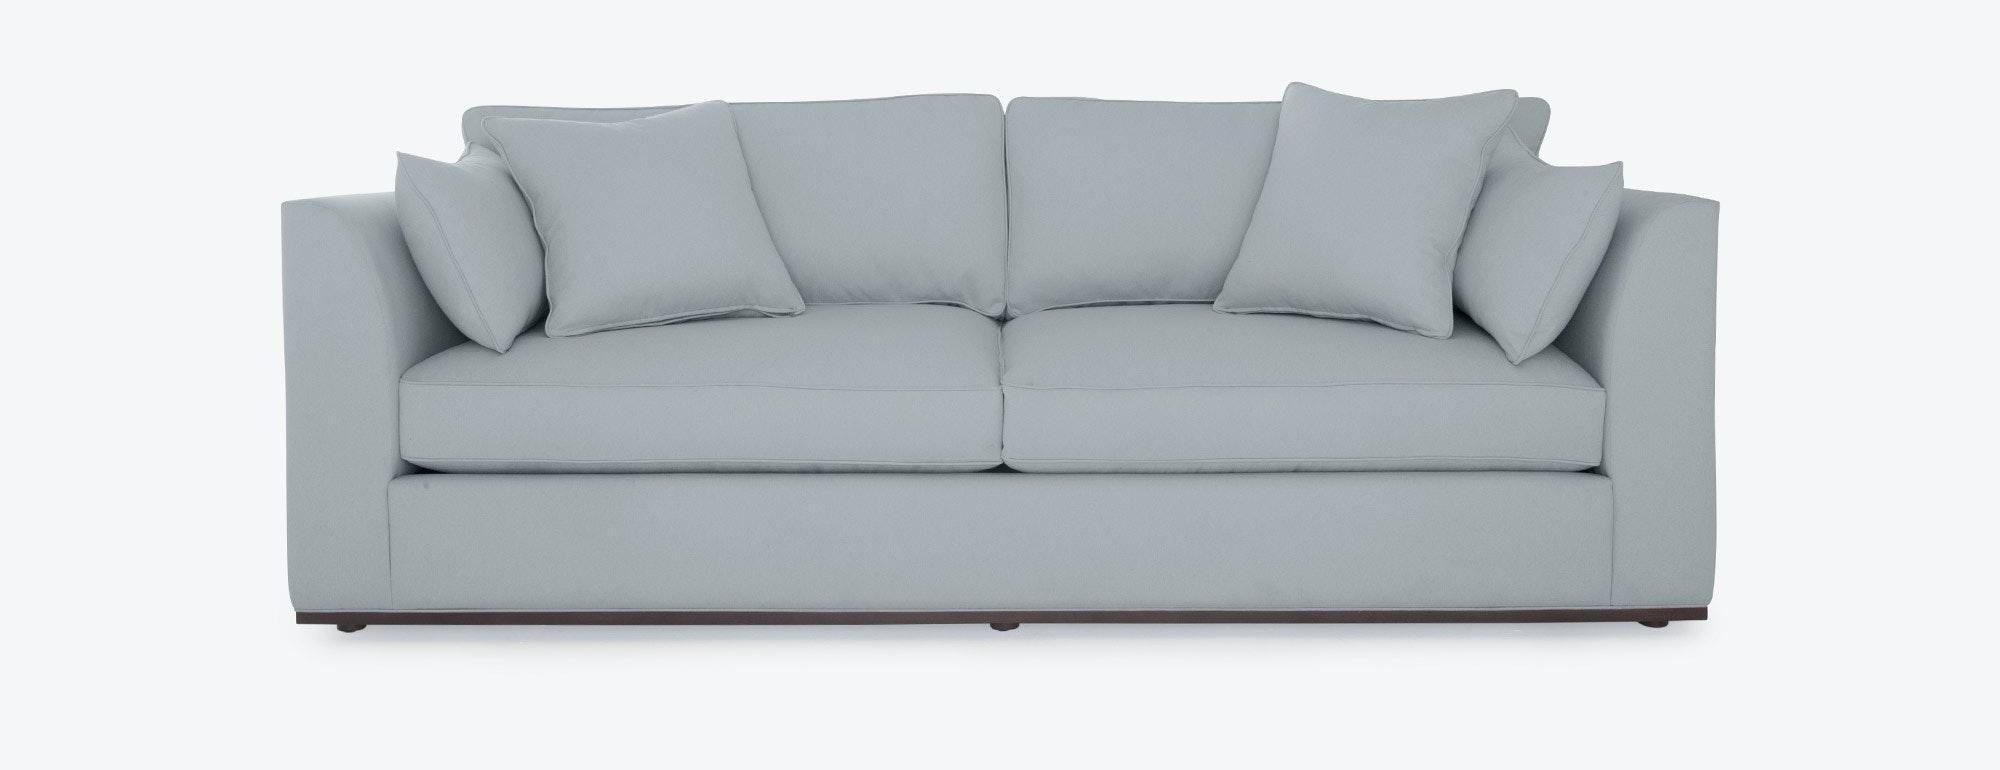 Rafferty Sofa Table Console Ashley